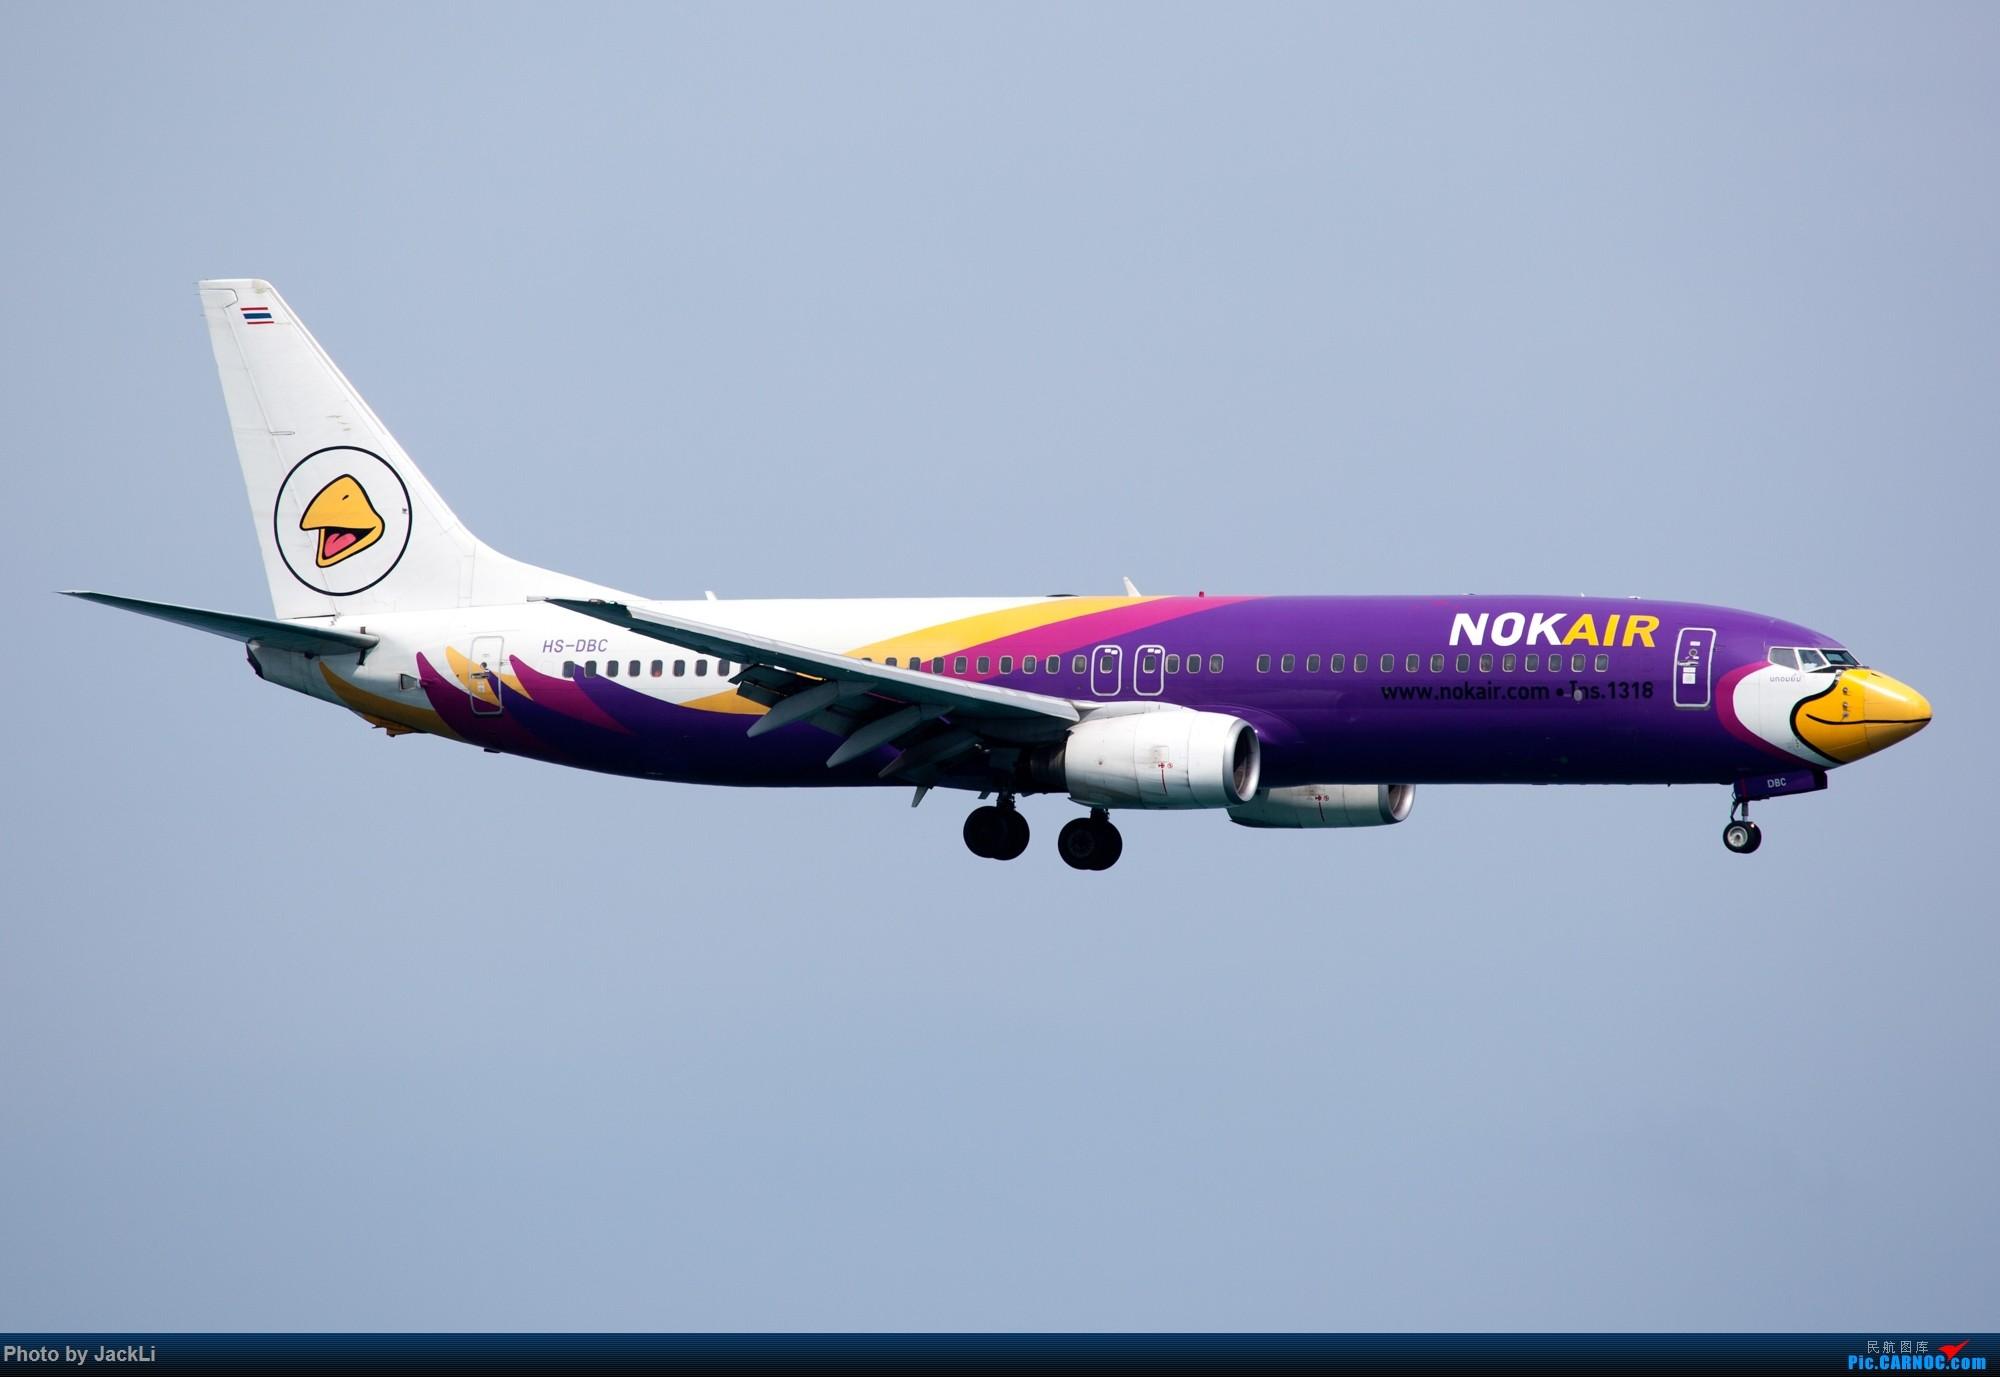 Re:[原创]【JackLi】亚洲圣马丁~普吉岛机场拍机 BOEING 737-800 HS-DBC 泰国普吉机场